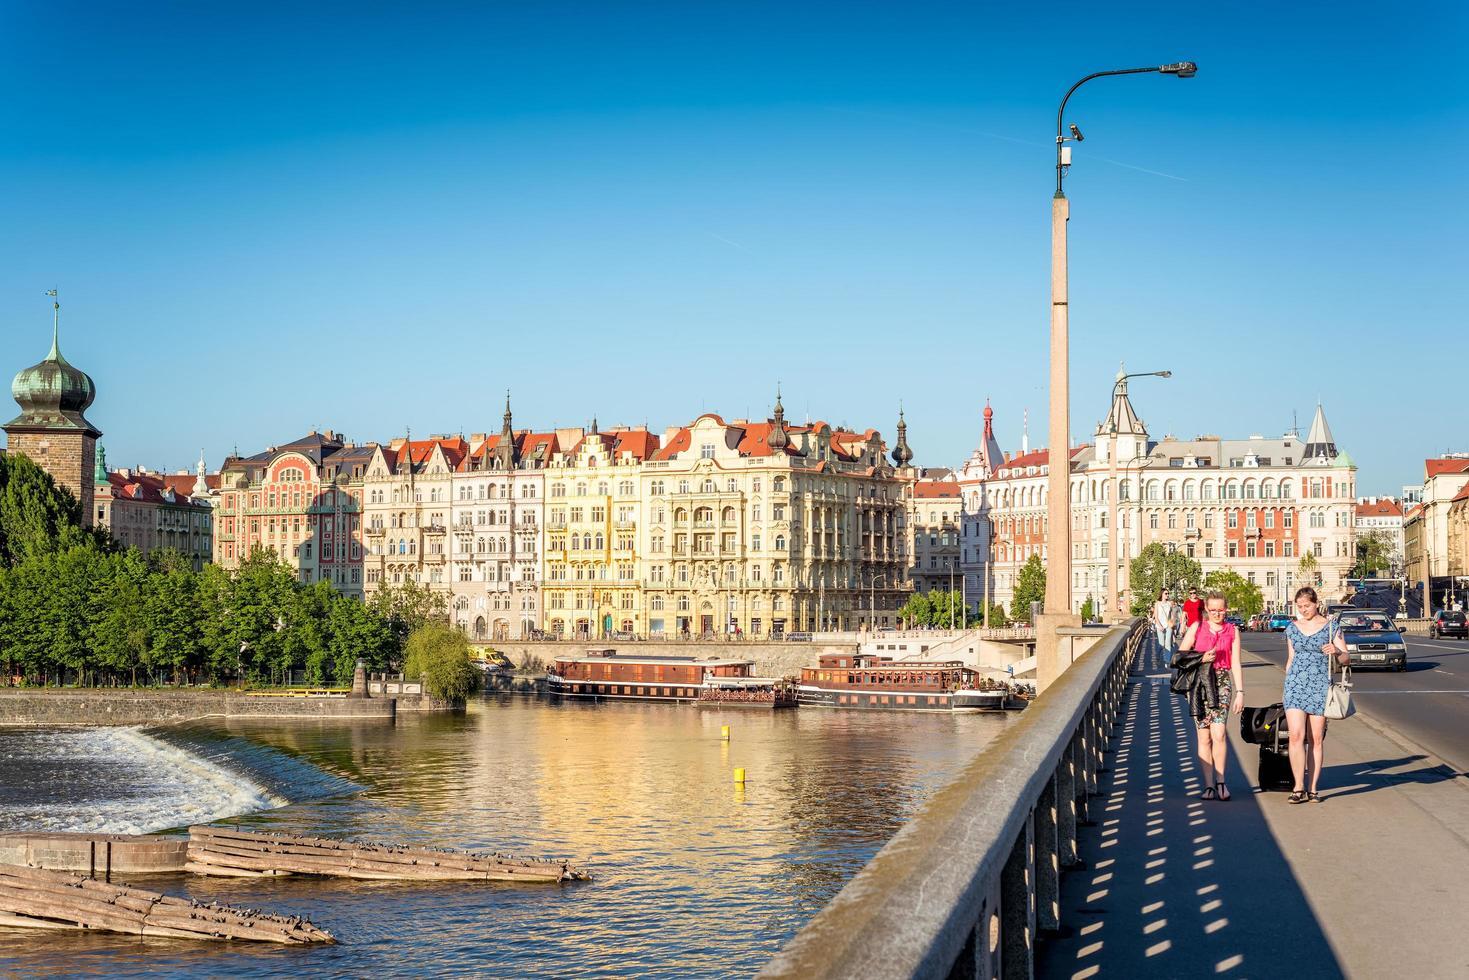 Prague, République tchèque 2017 - Pont Jirasek et quai de la rivière Vltava photo